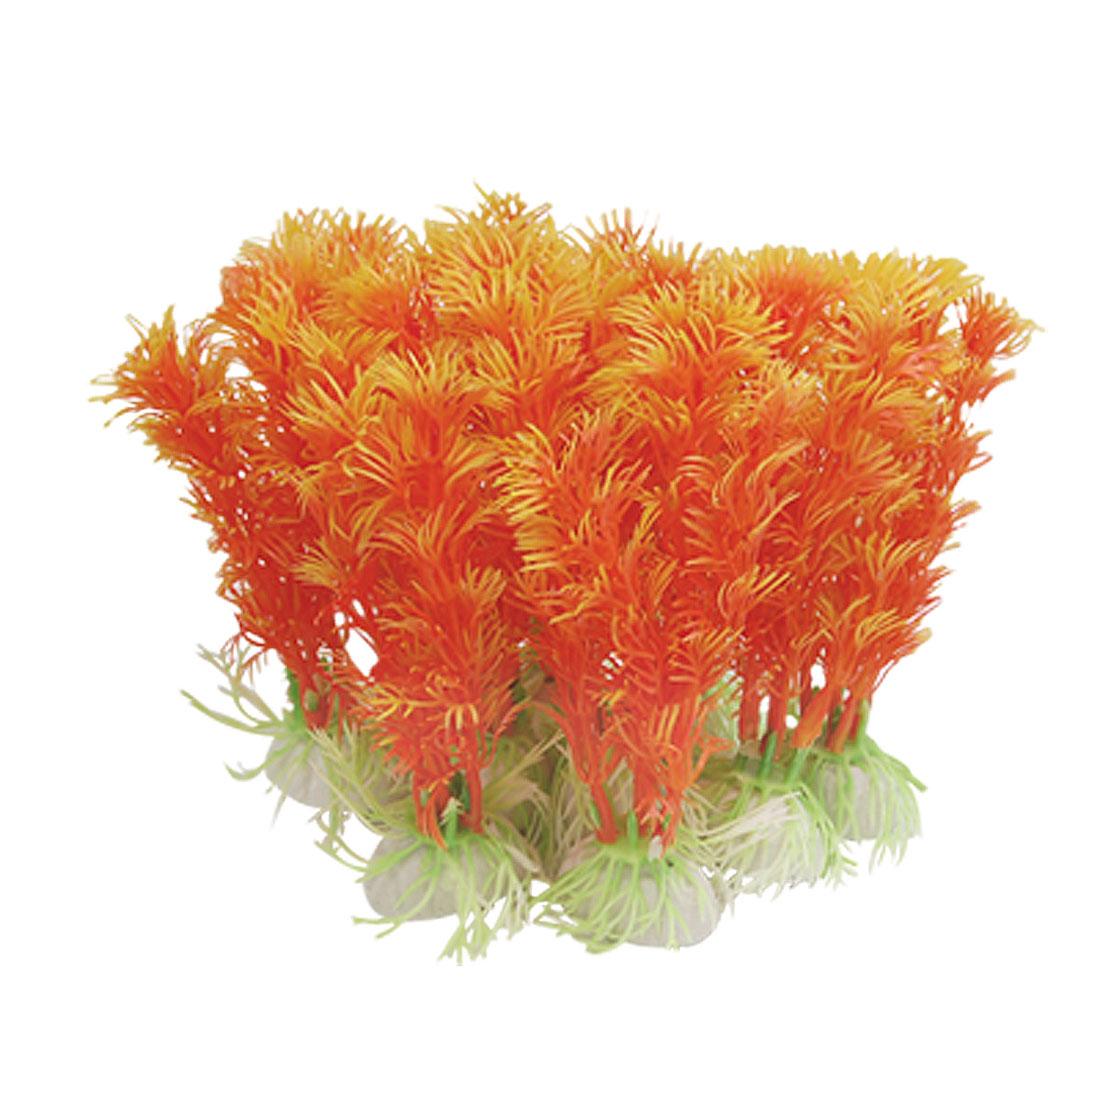 Men-made Plastic Aquarium Tank Plants Decoration Orange